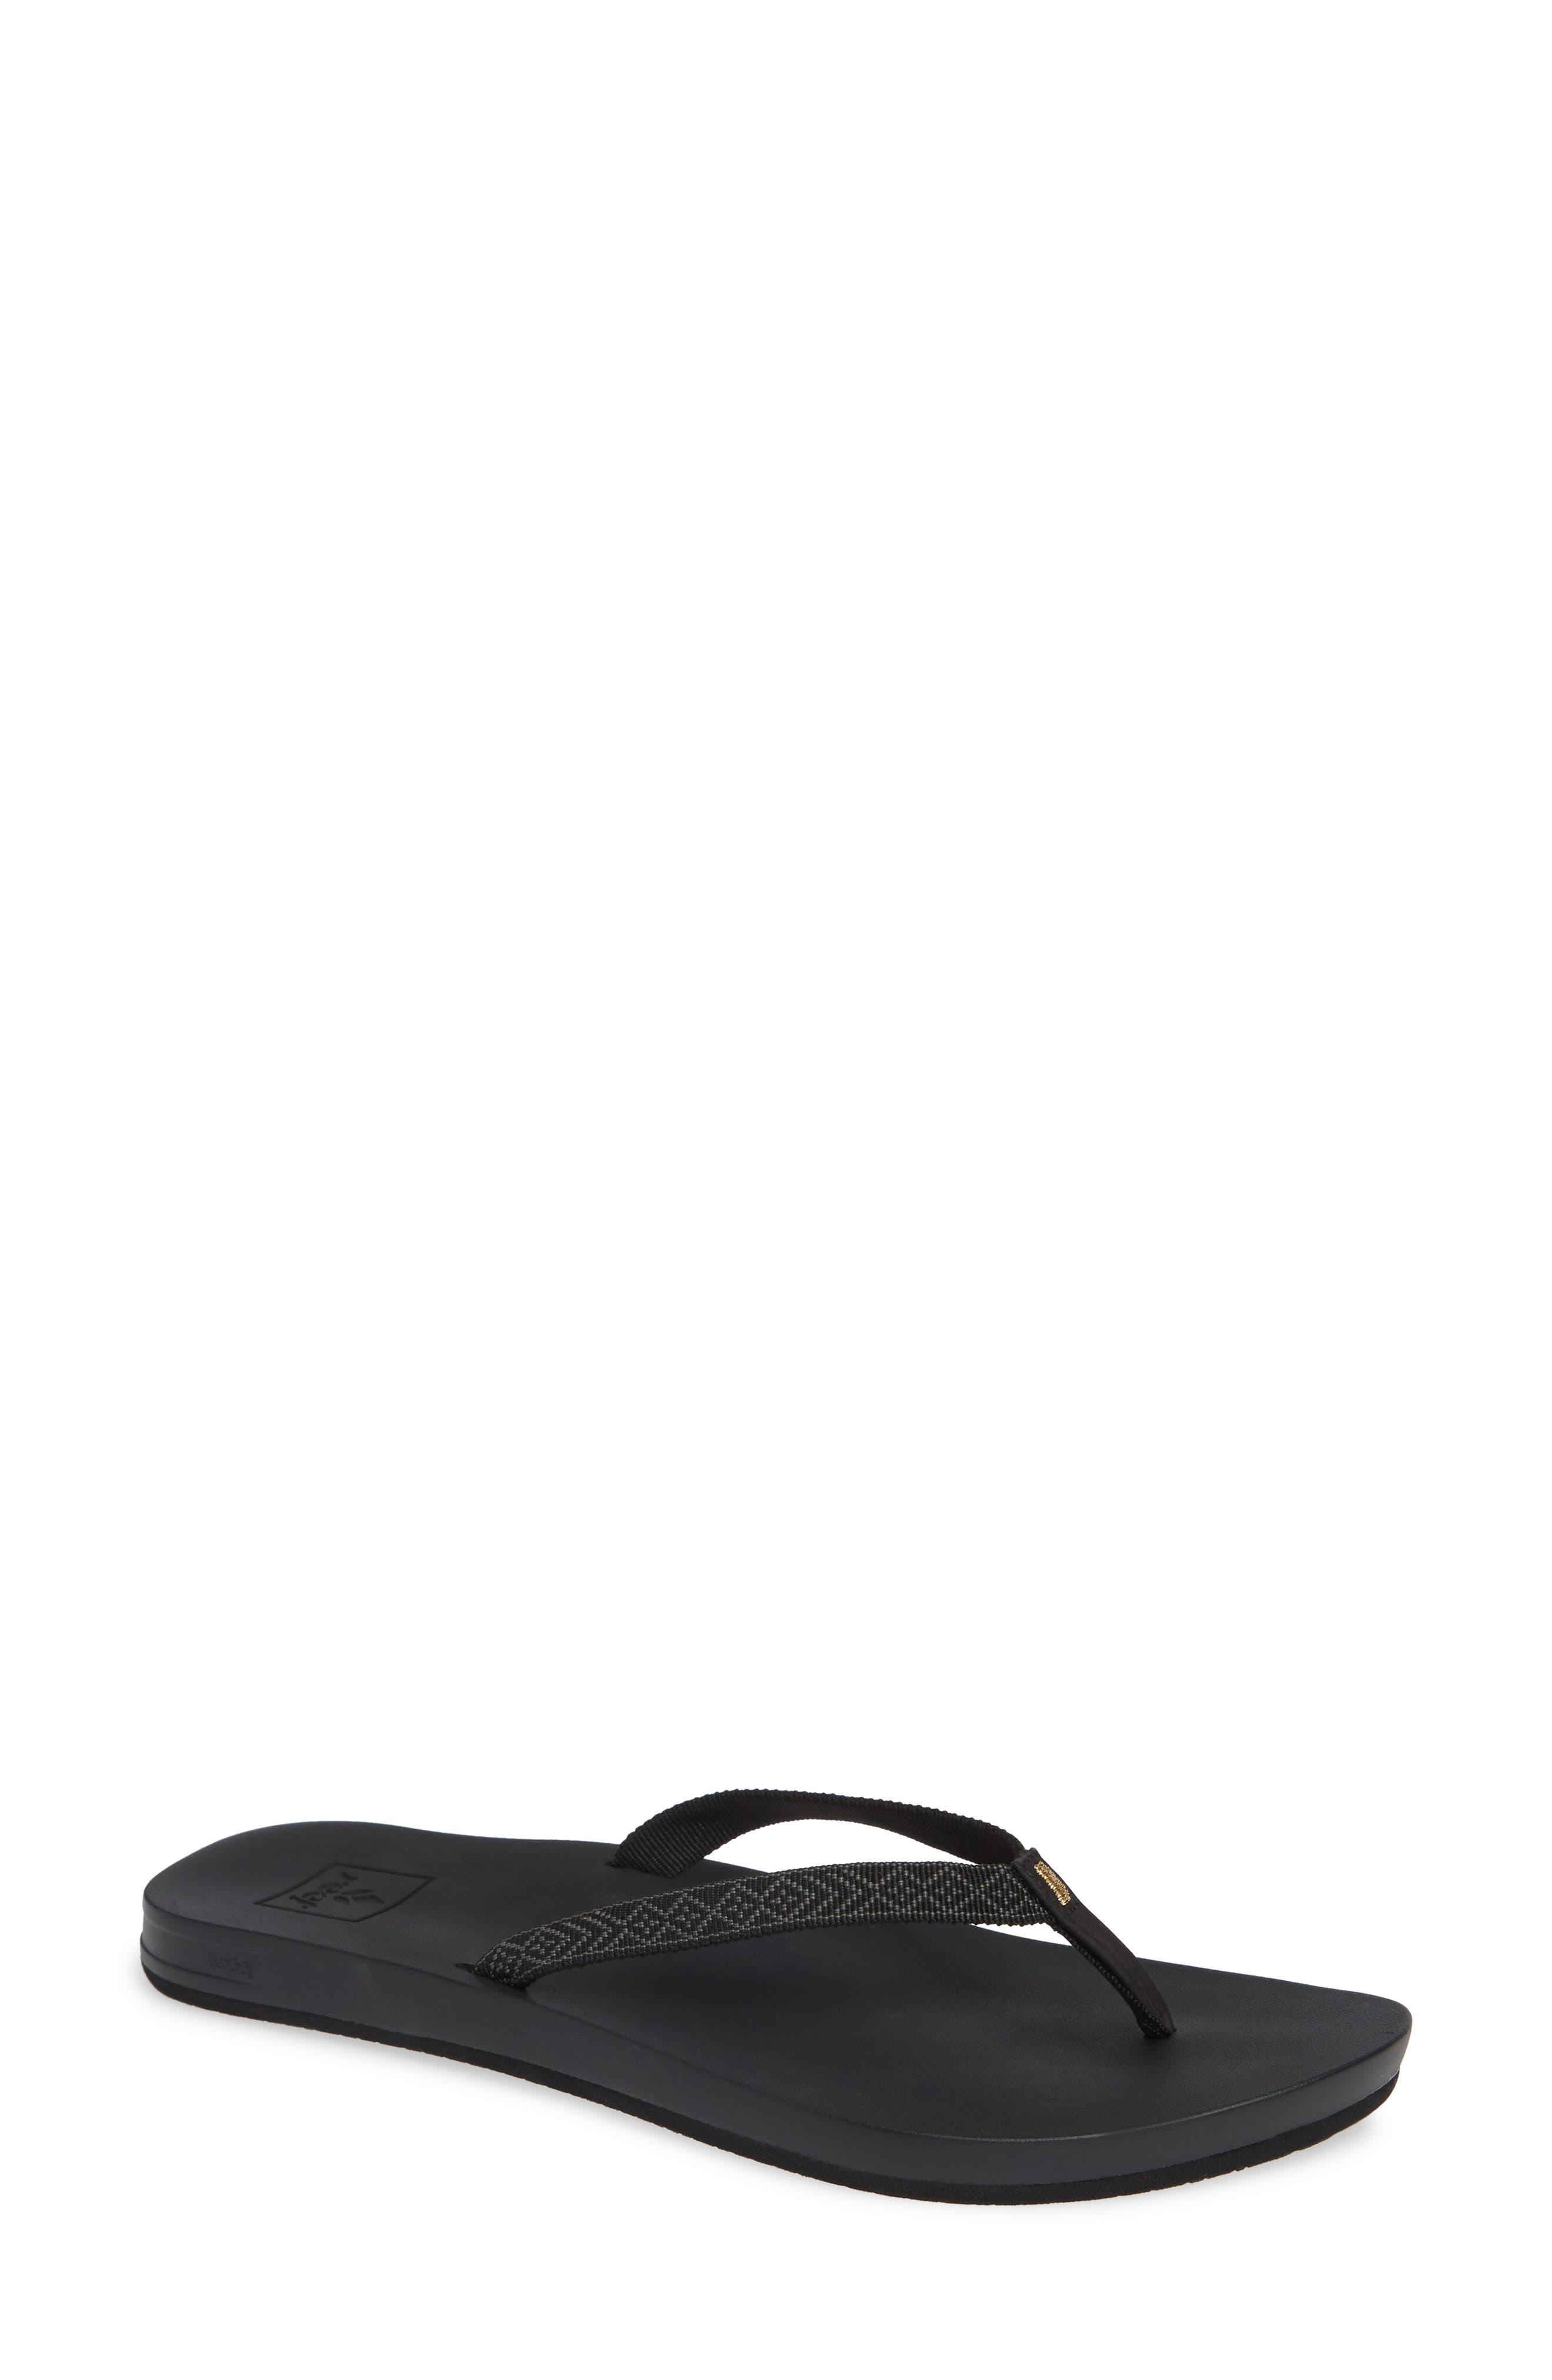 Cushion Bounce Flip Flop,                         Main,                         color, BLACK